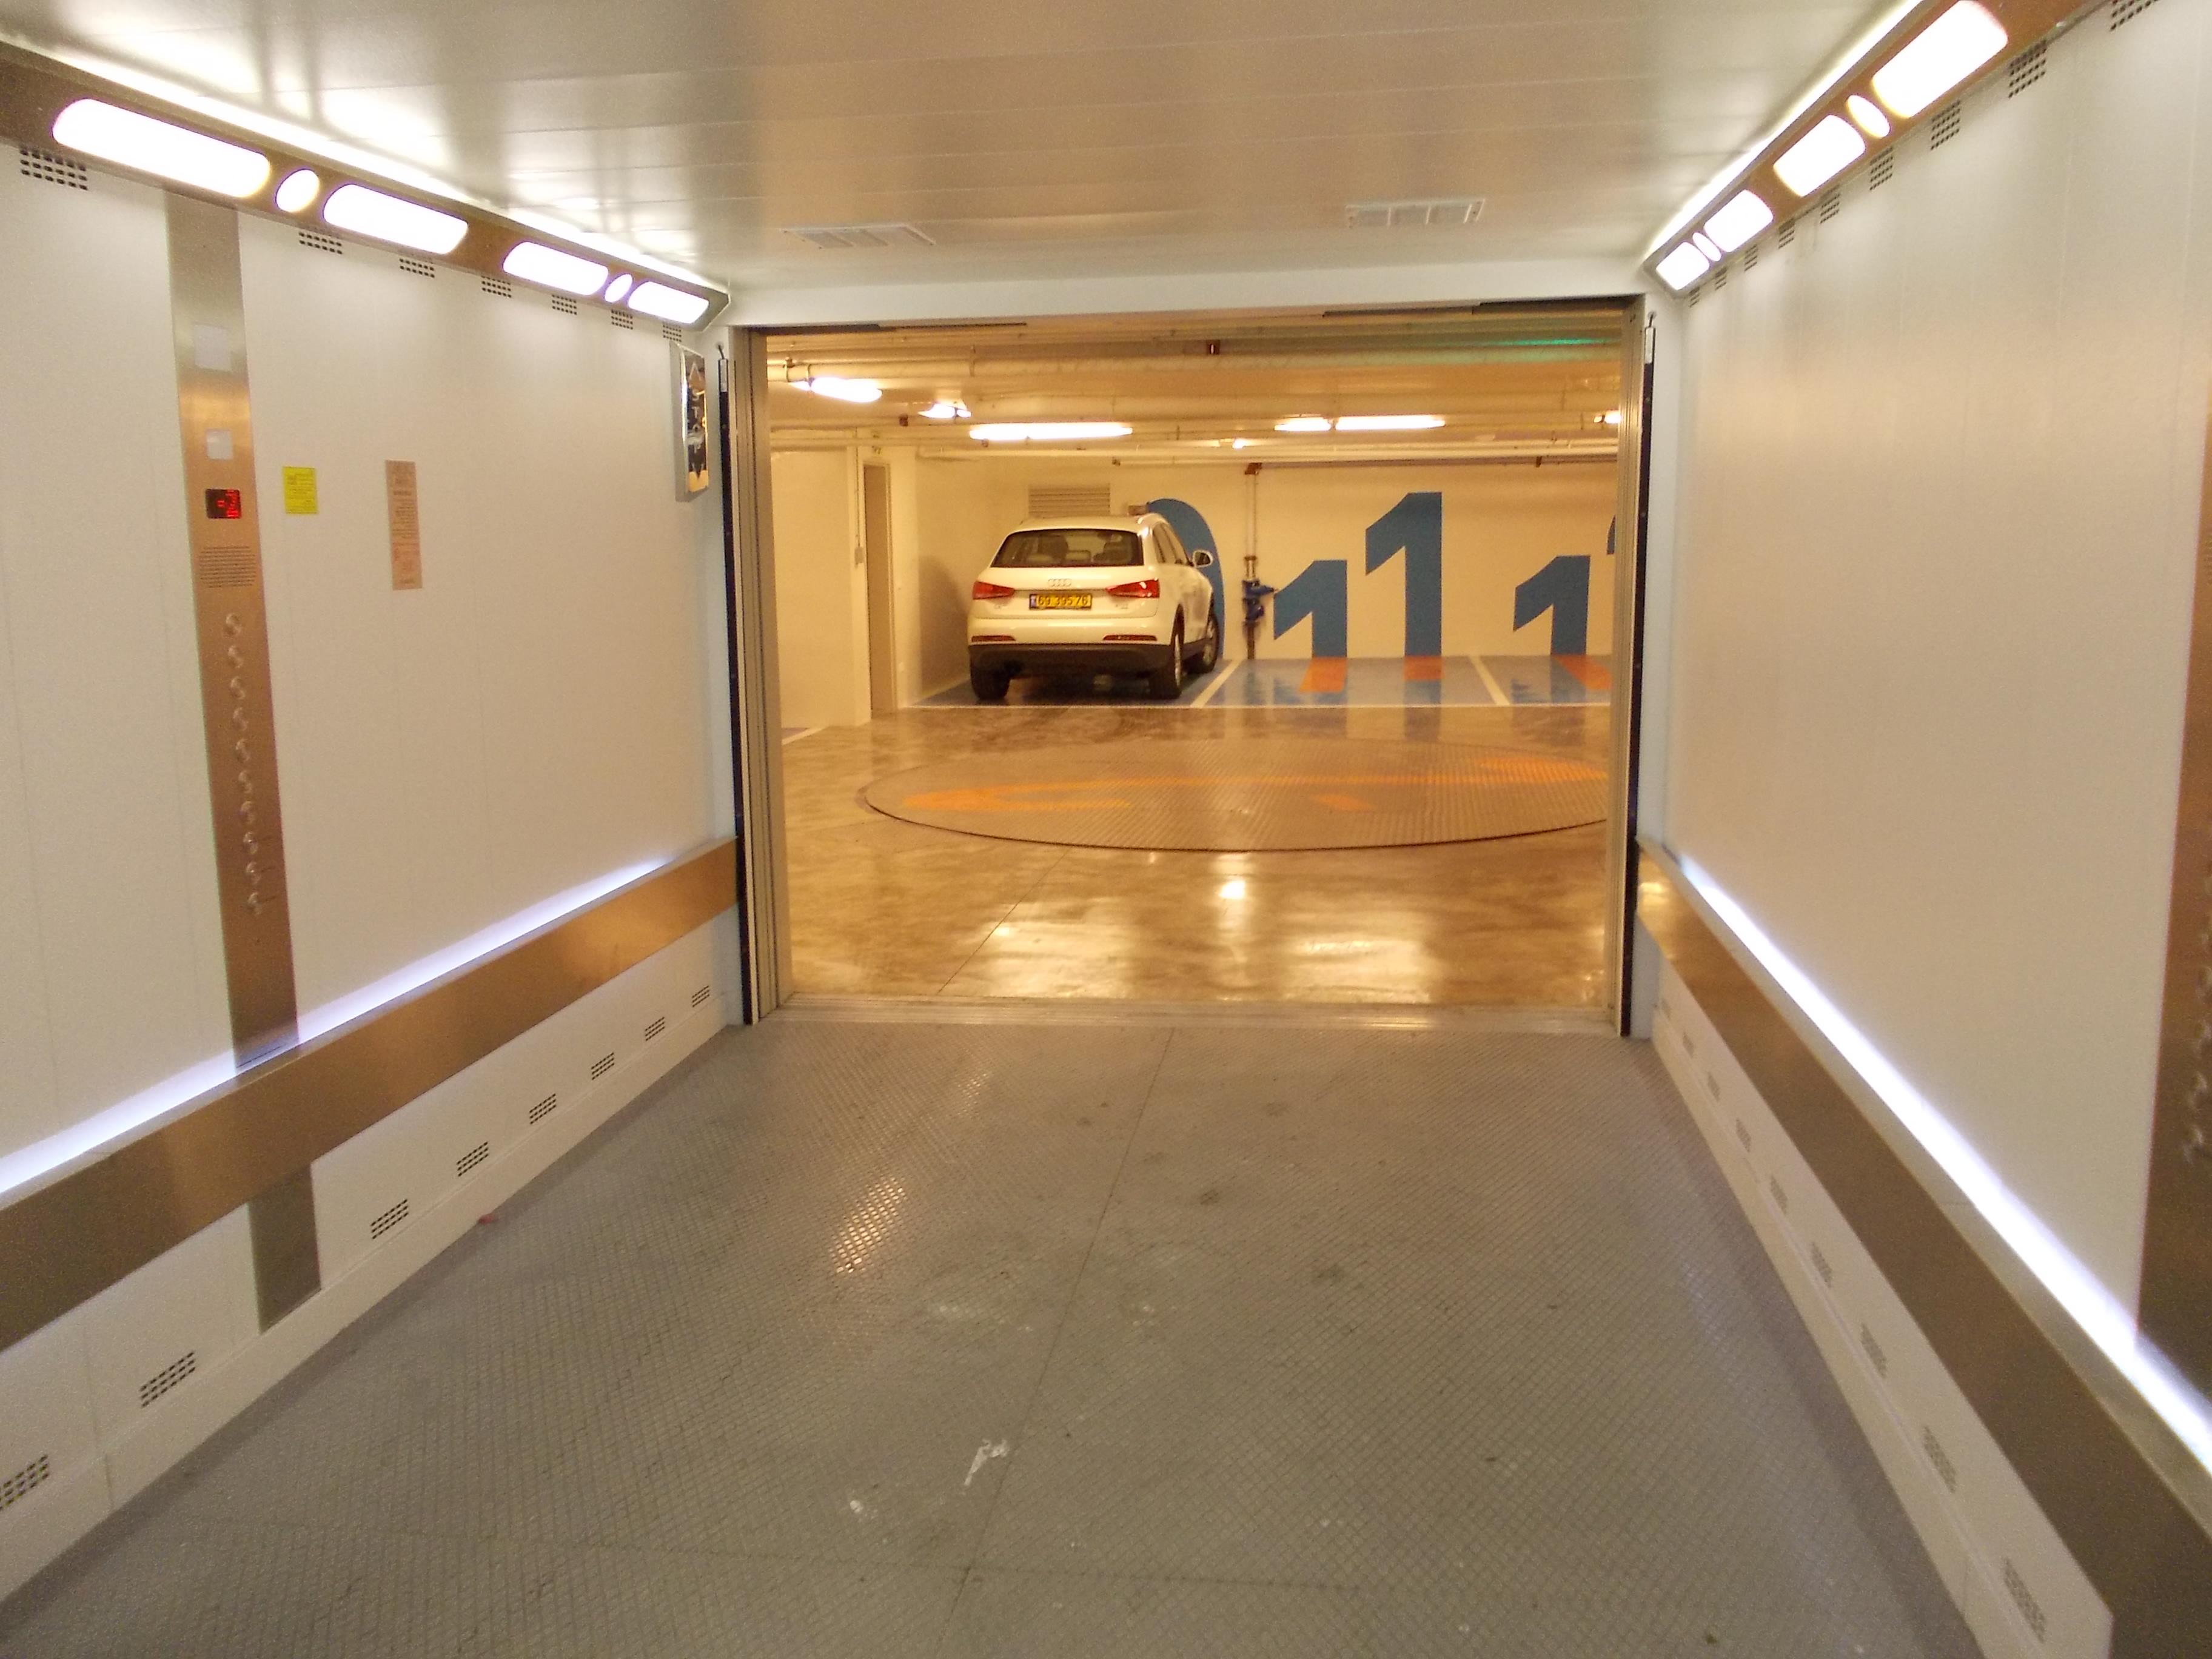 Ascensor pentru autoturisme - Cladire de birouri - Israel ELMAS - Poza 3